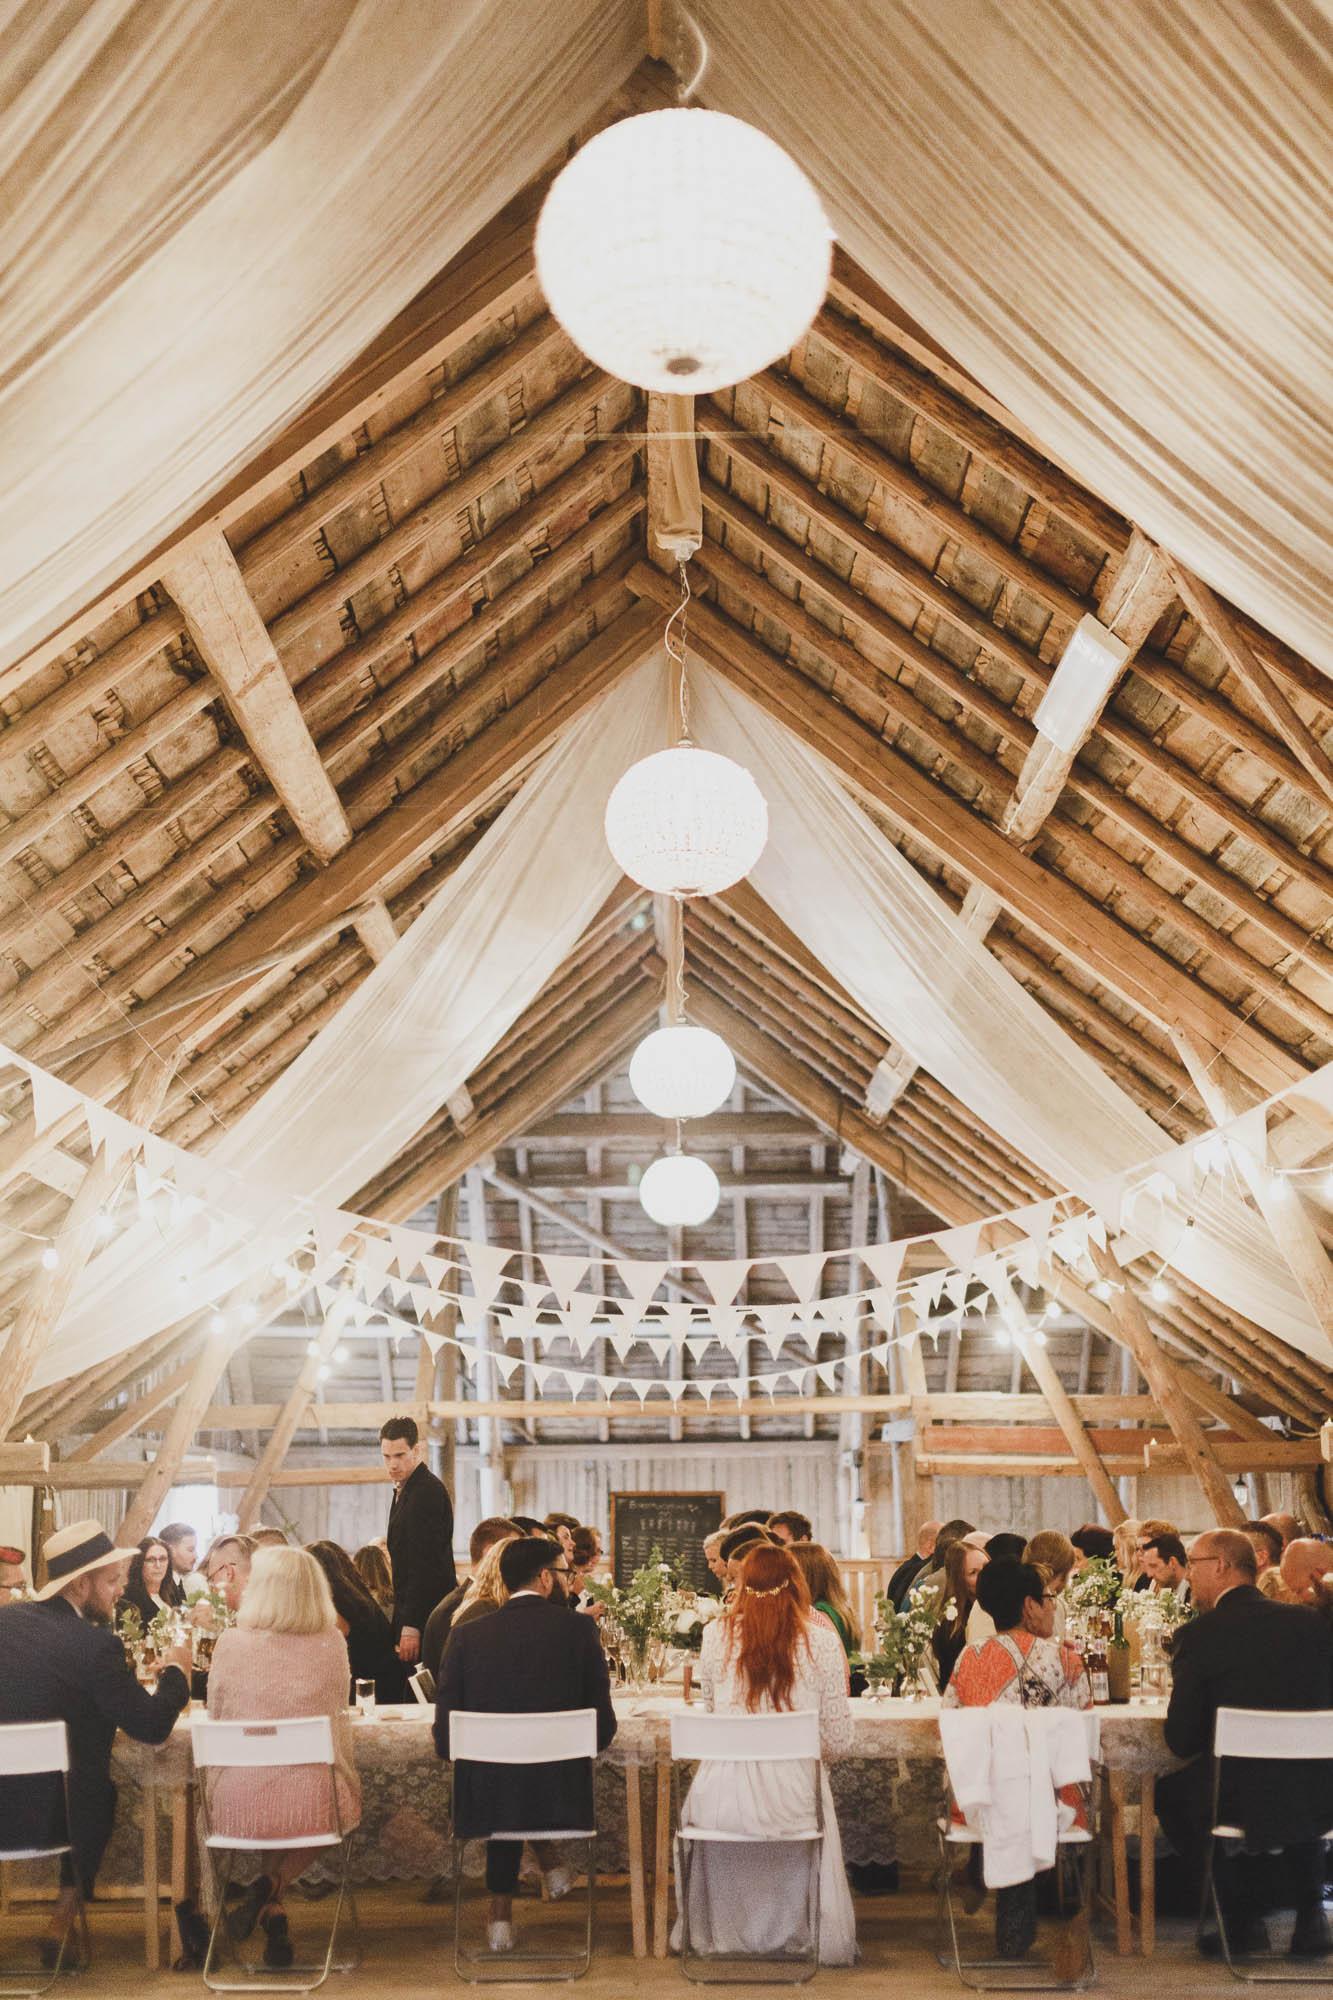 c0b36ecd328 Avslappnat bröllop med ladufest: Hanna och Walti